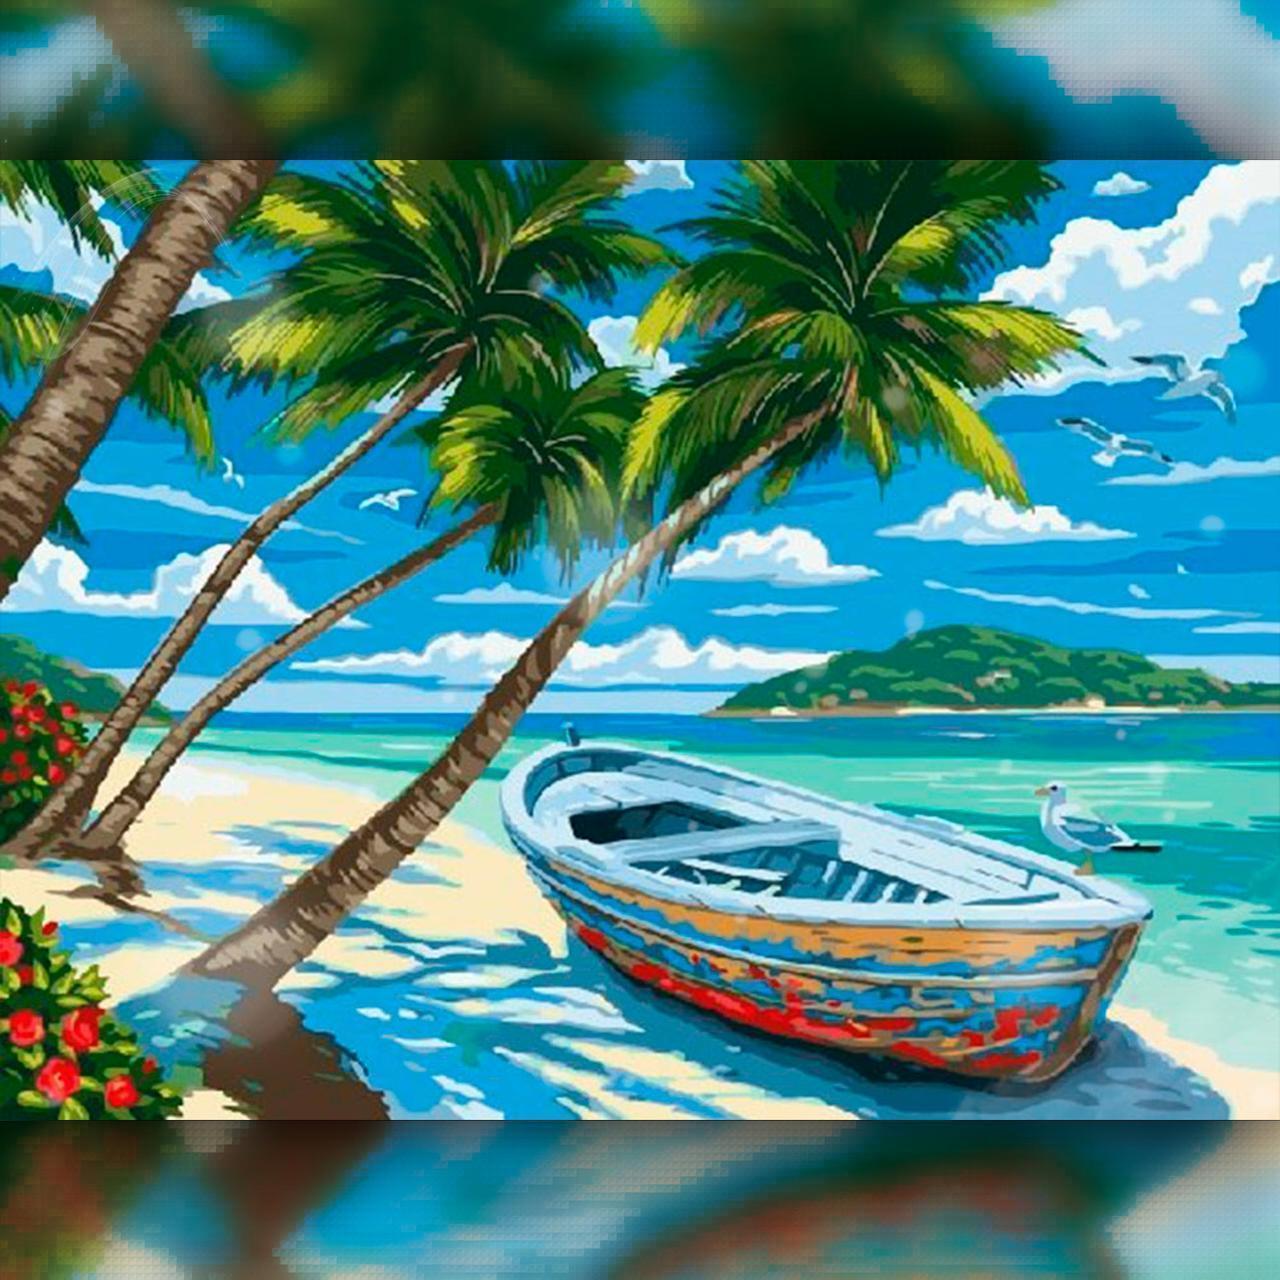 Алмазная вышивка мозаика The Wortex Diamonds Тропический остров 40x50см TWD30021L полная зашивка квадратные